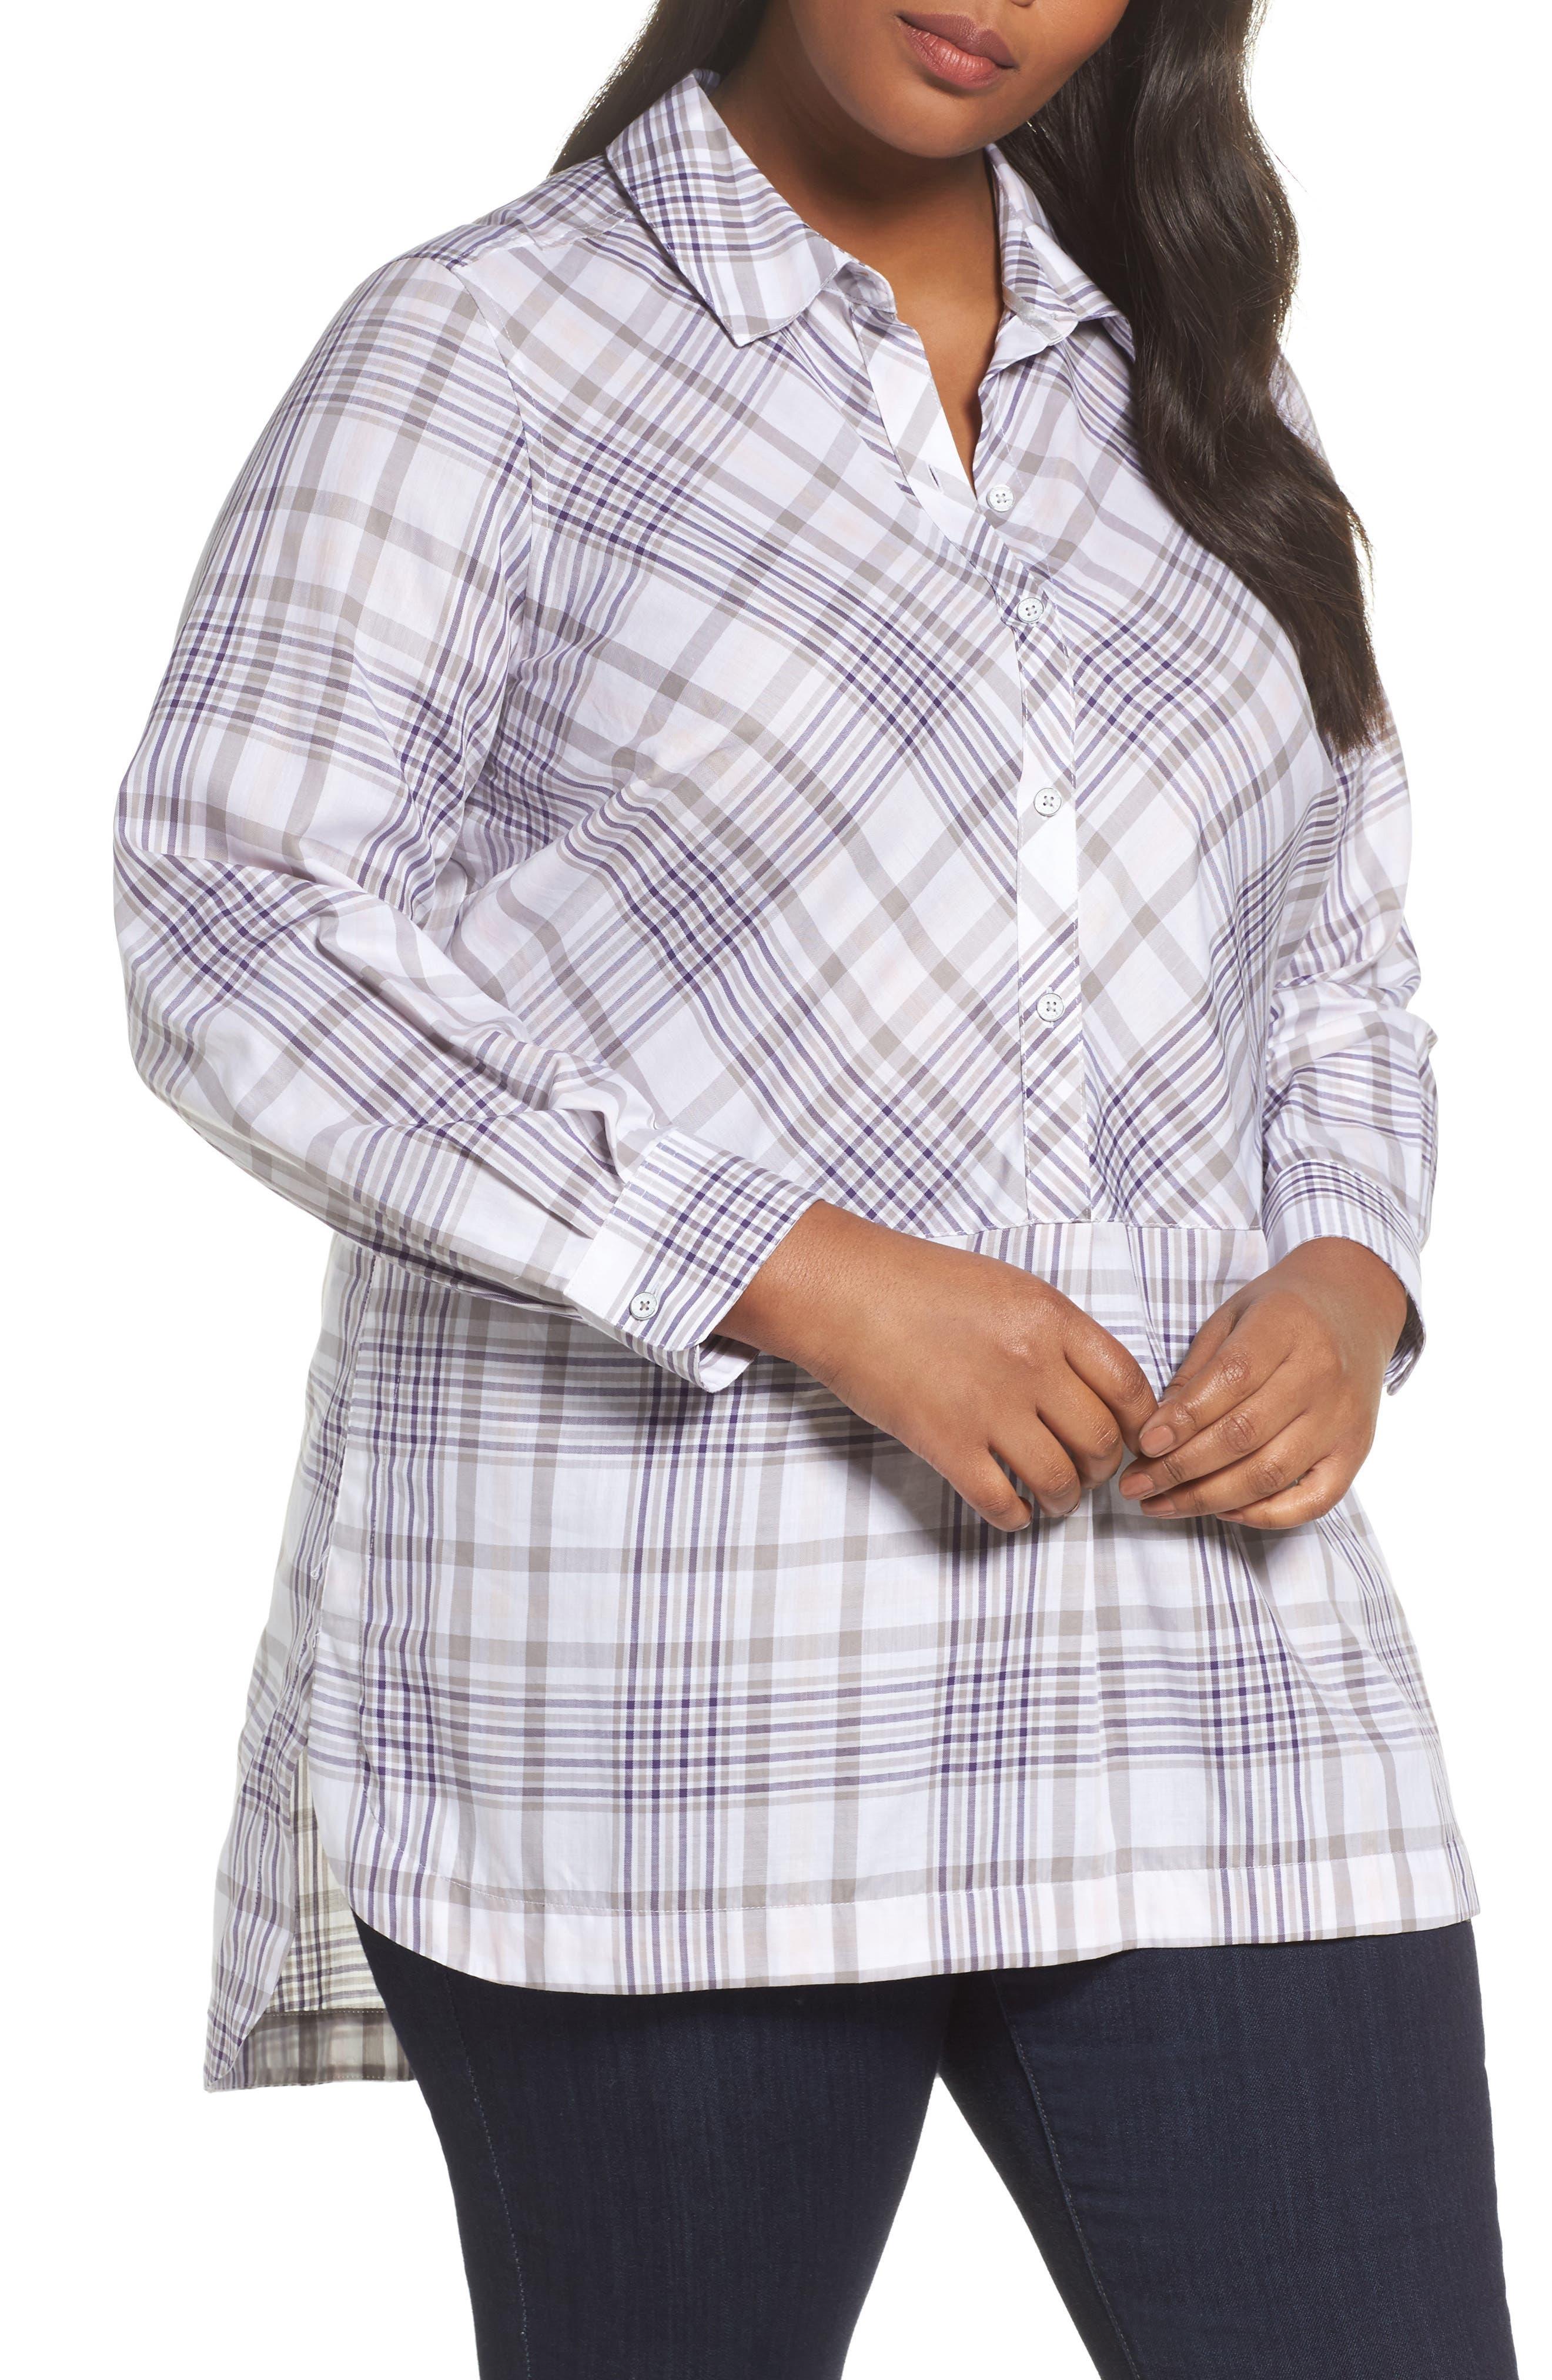 Maddy Winter Plaid Shirt,                             Main thumbnail 1, color,                             037